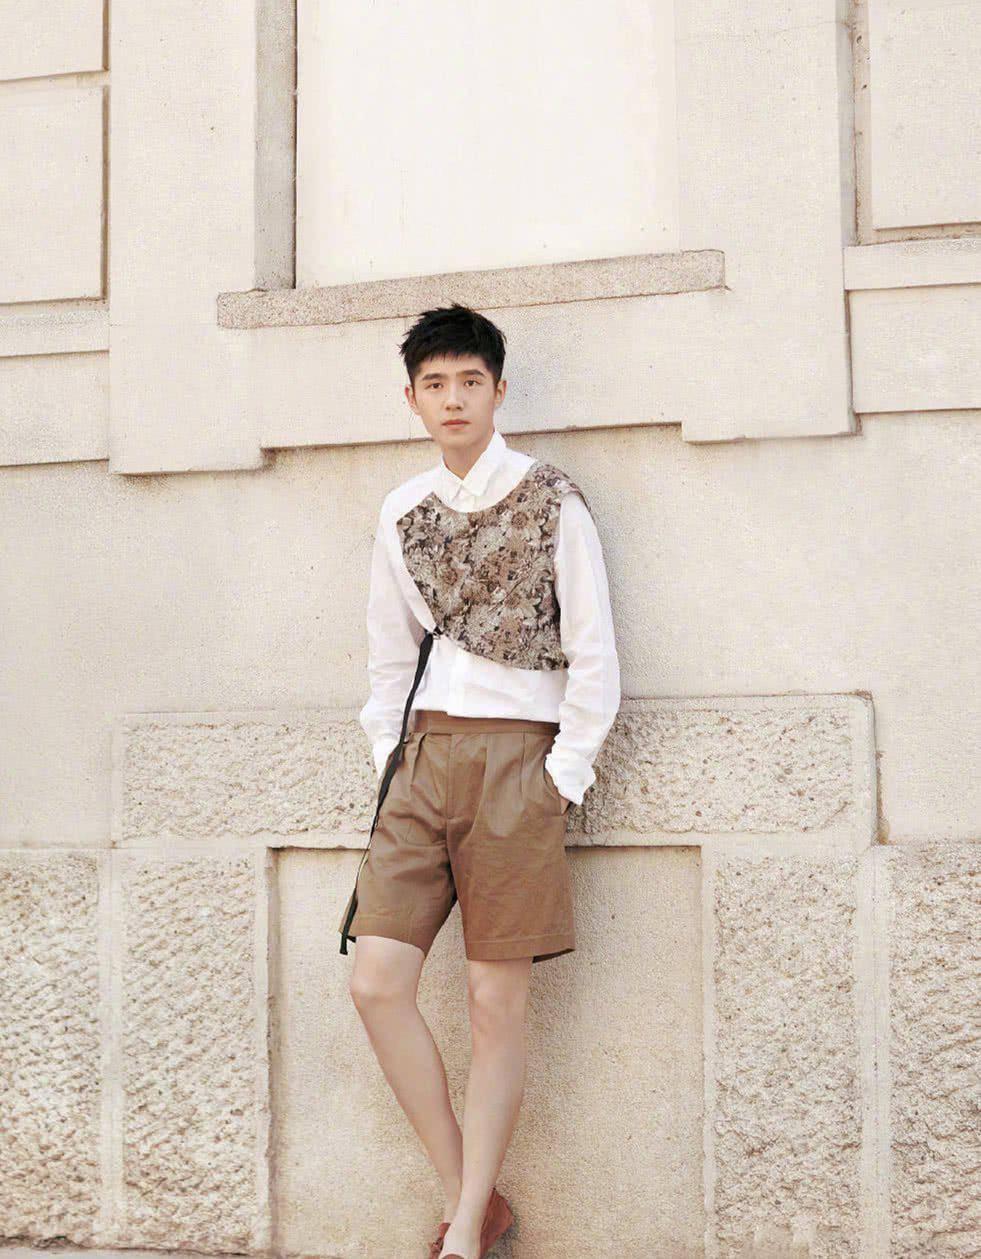 刘昊然和林彦俊,年龄只差两岁,穿同款衬衫差距这么大?